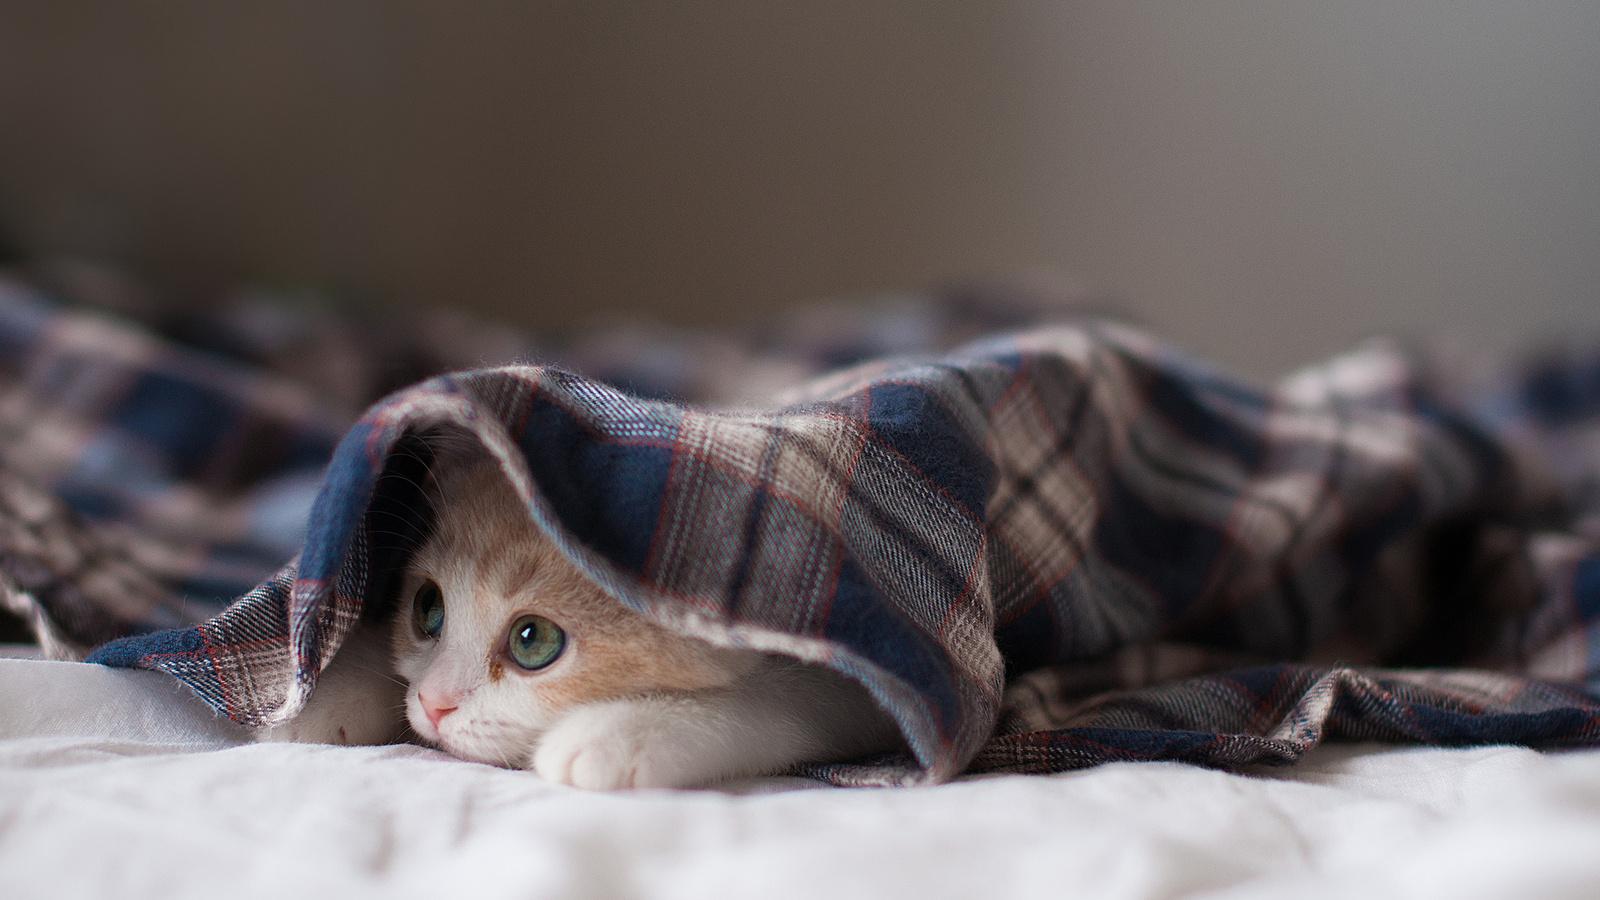 белан картинки выздоравливай скорее котик вращающихся неподвижных частей